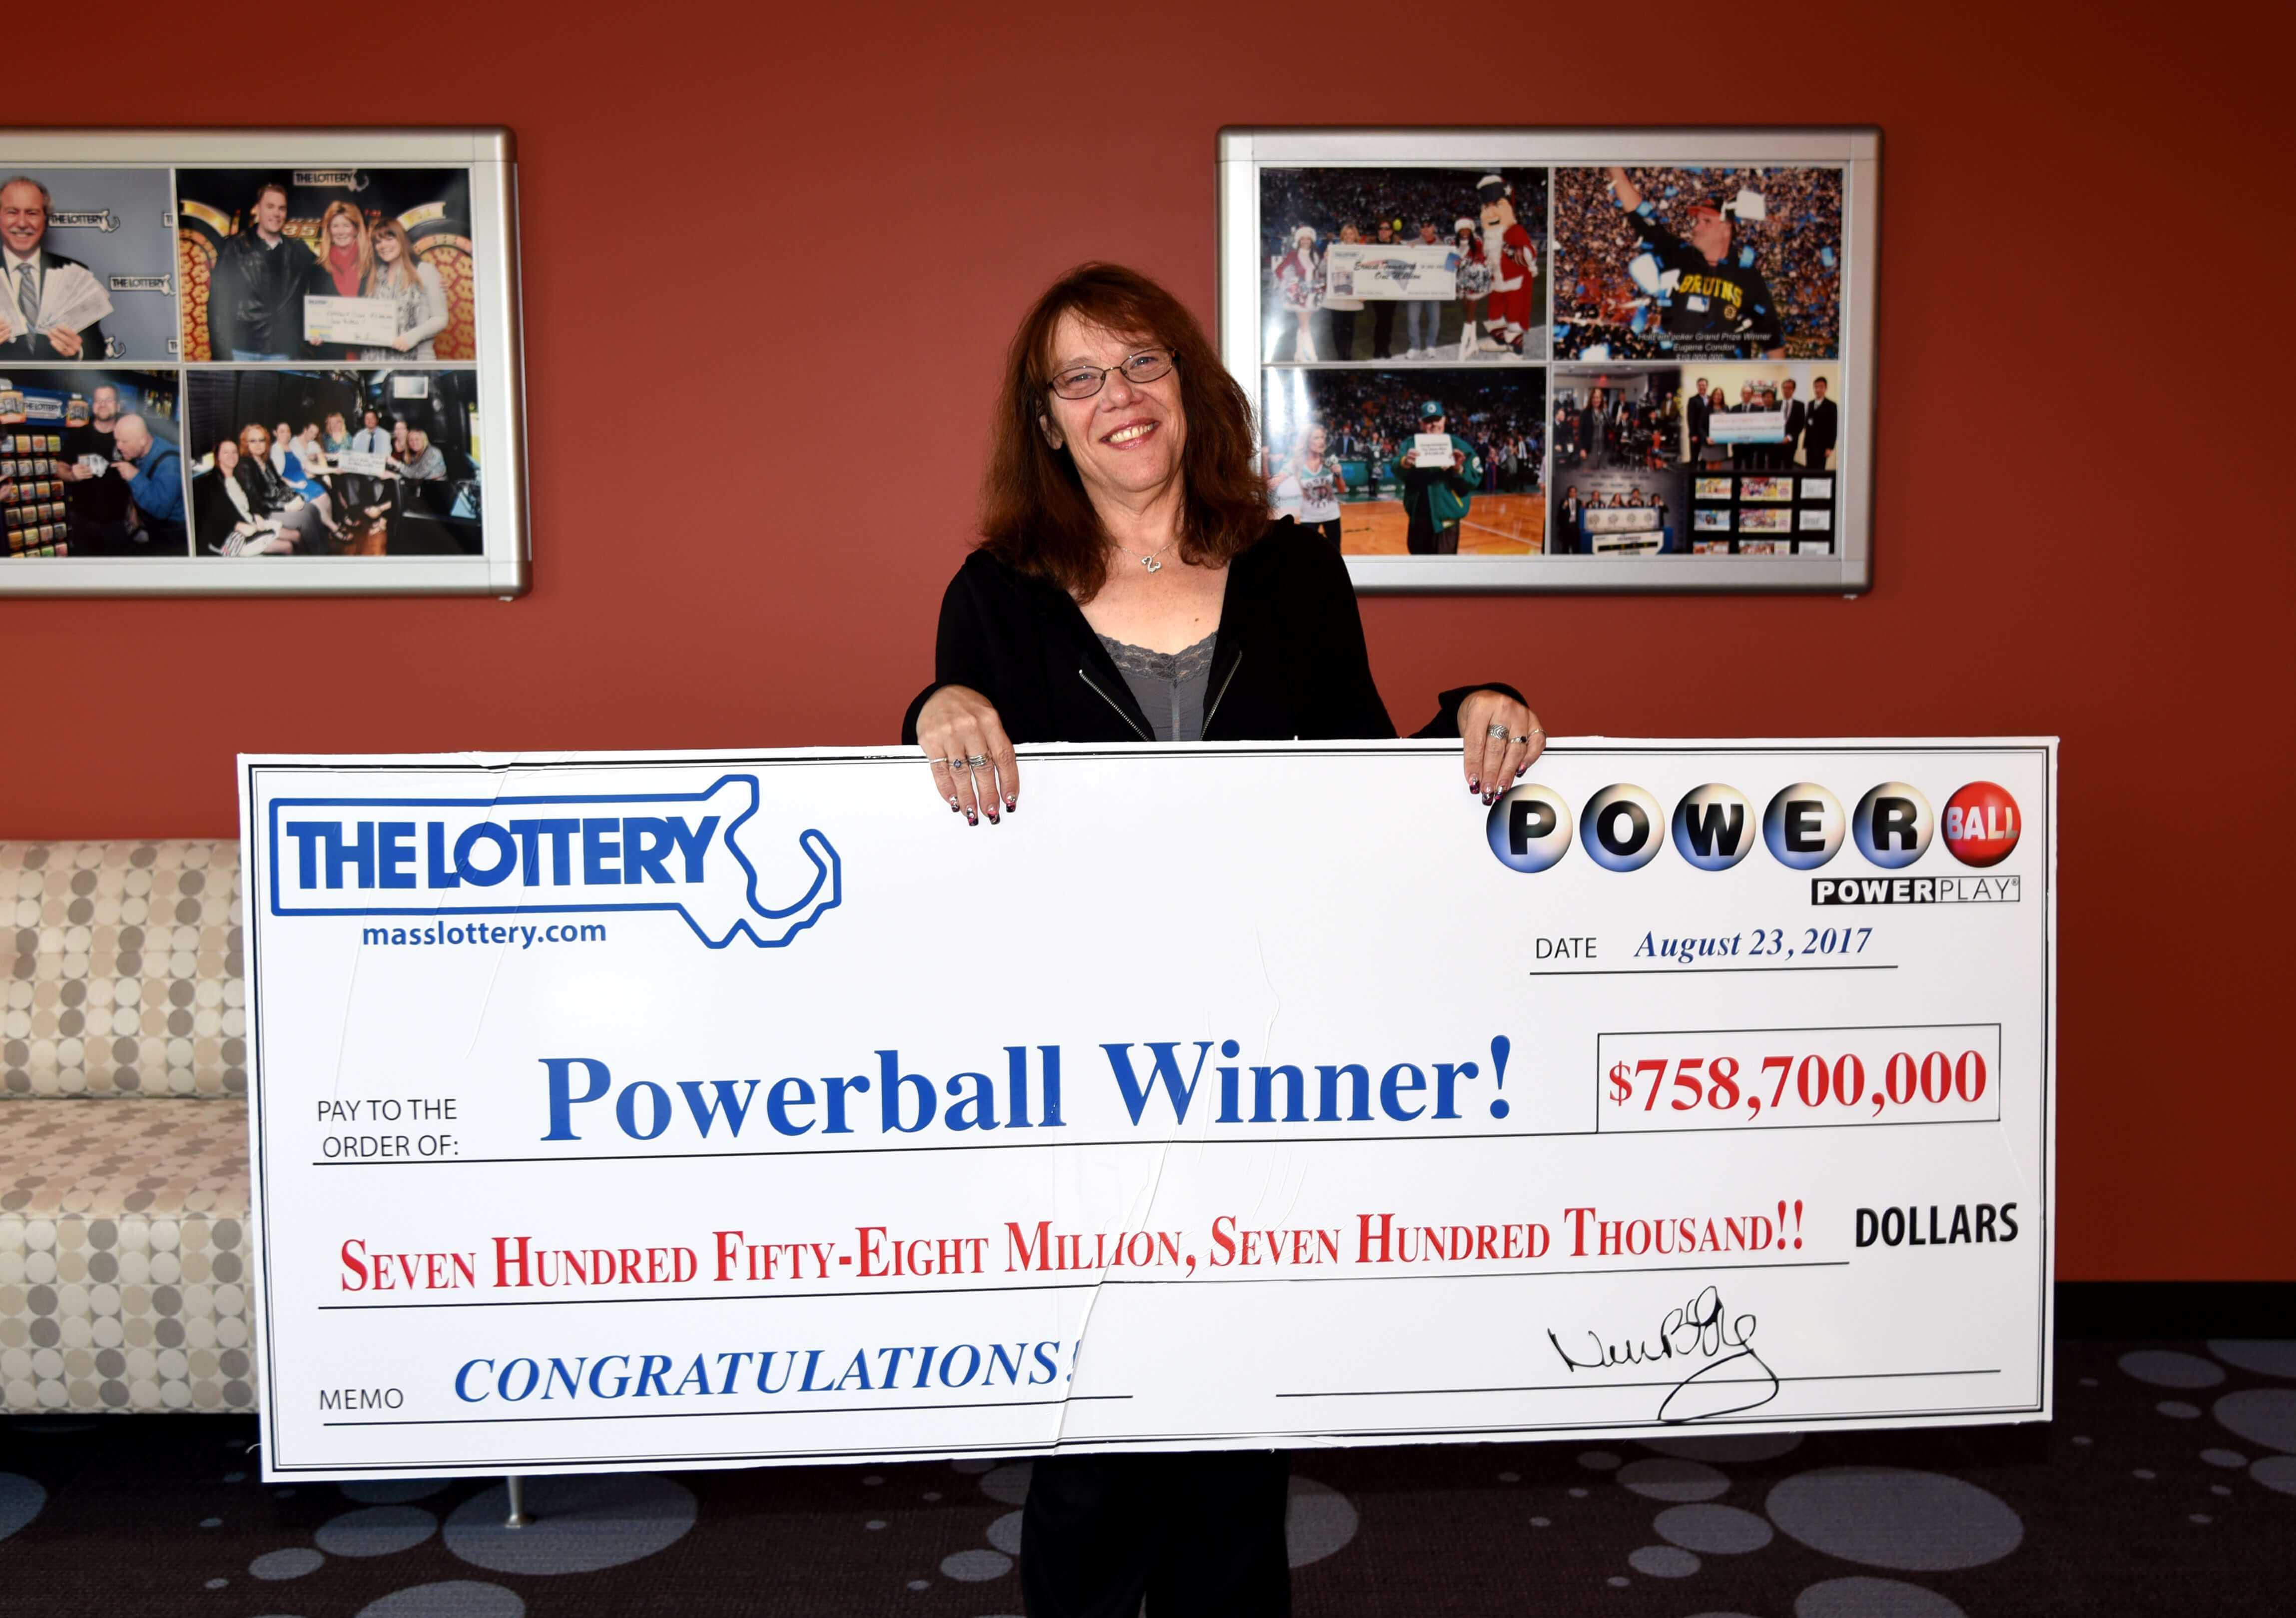 Der Lotter - Spielerbewertungen und Vergleich mit Agent Lotto - was besser ist? | Lotteriewelt